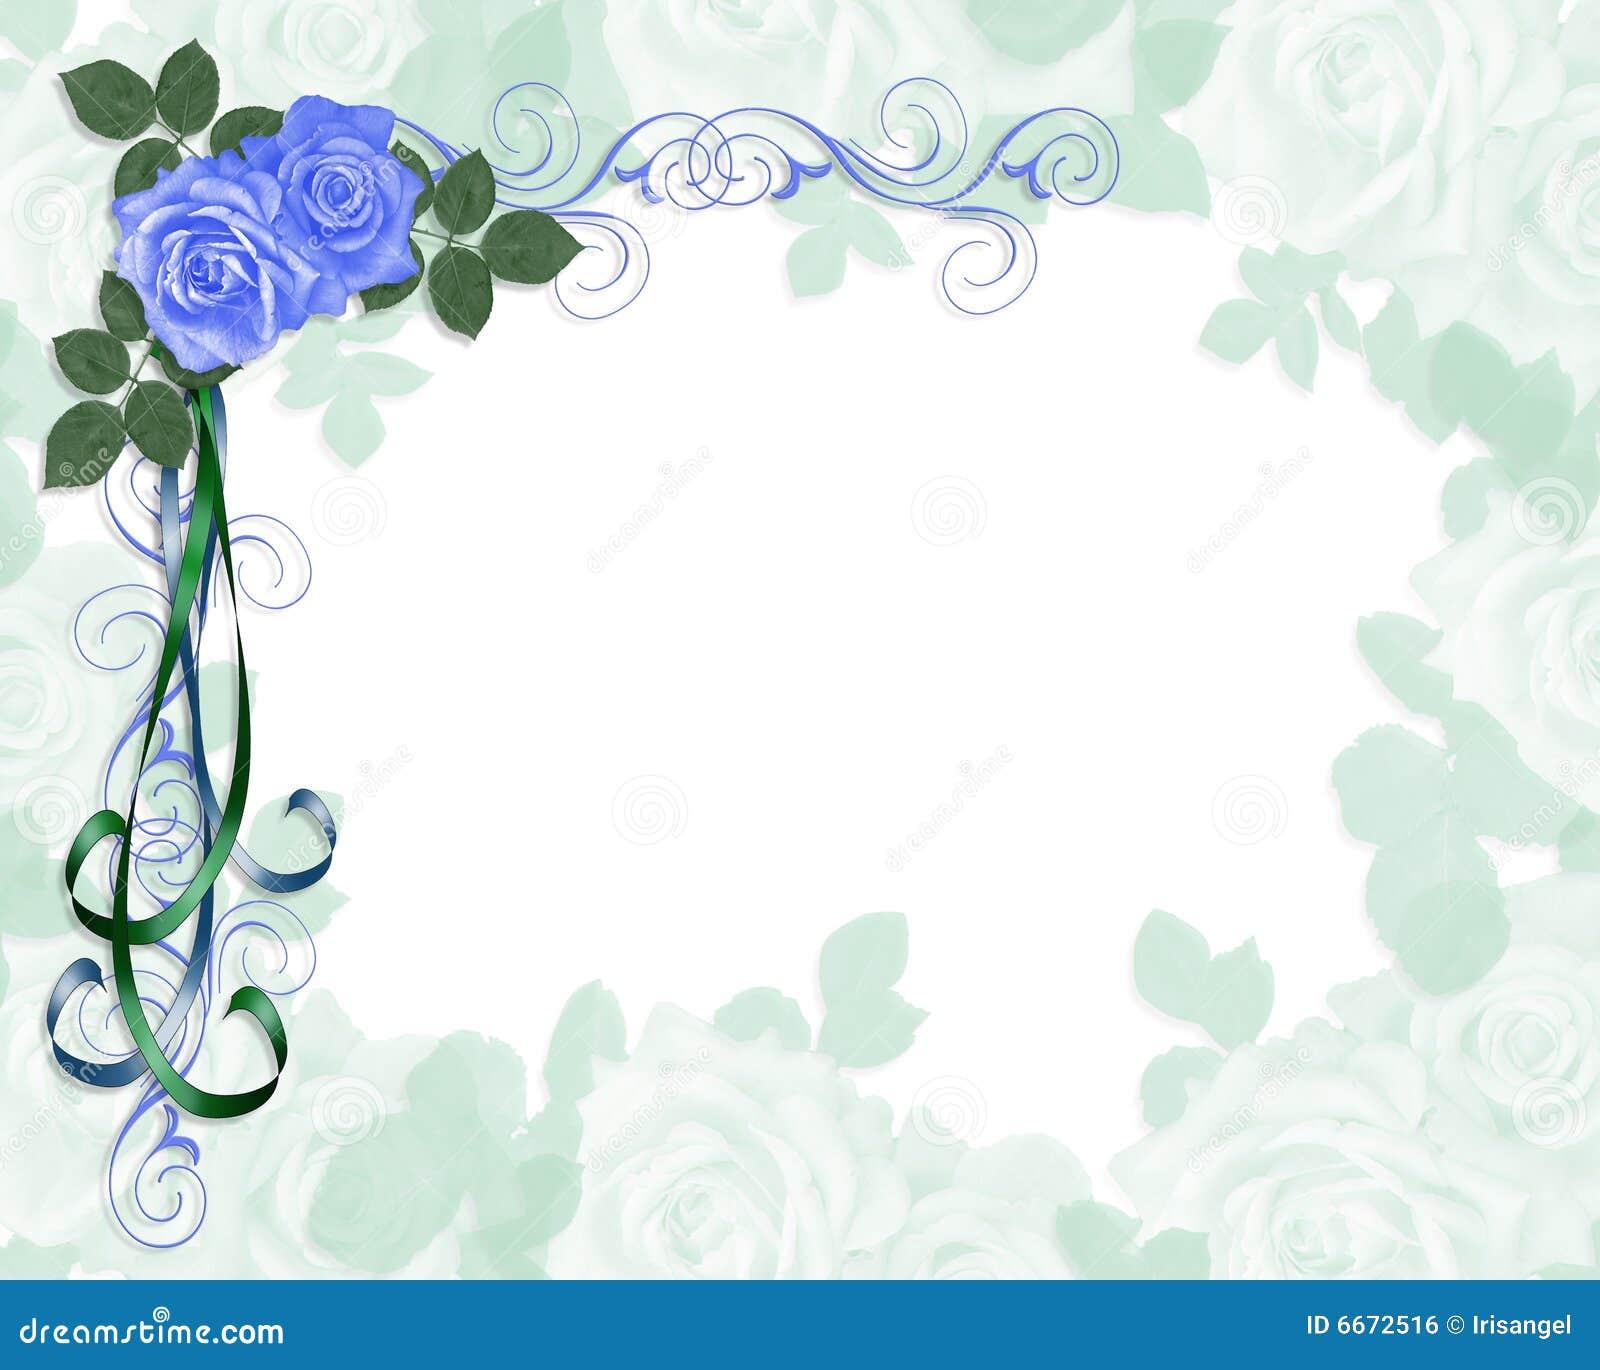 Wedding Invitation Blue Roses Corner Royalty Free Stock Image - Image ...